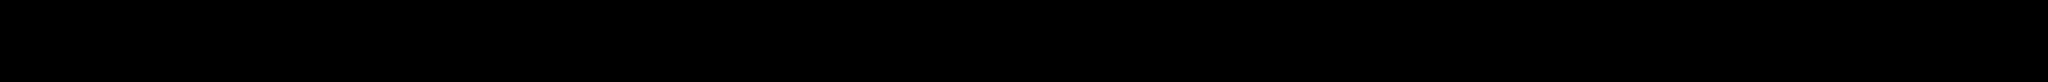 INA 0816.G3, 0829.A3, 0829.A4, 0830.50, 0830.51 Waterpomp + distributieriem set